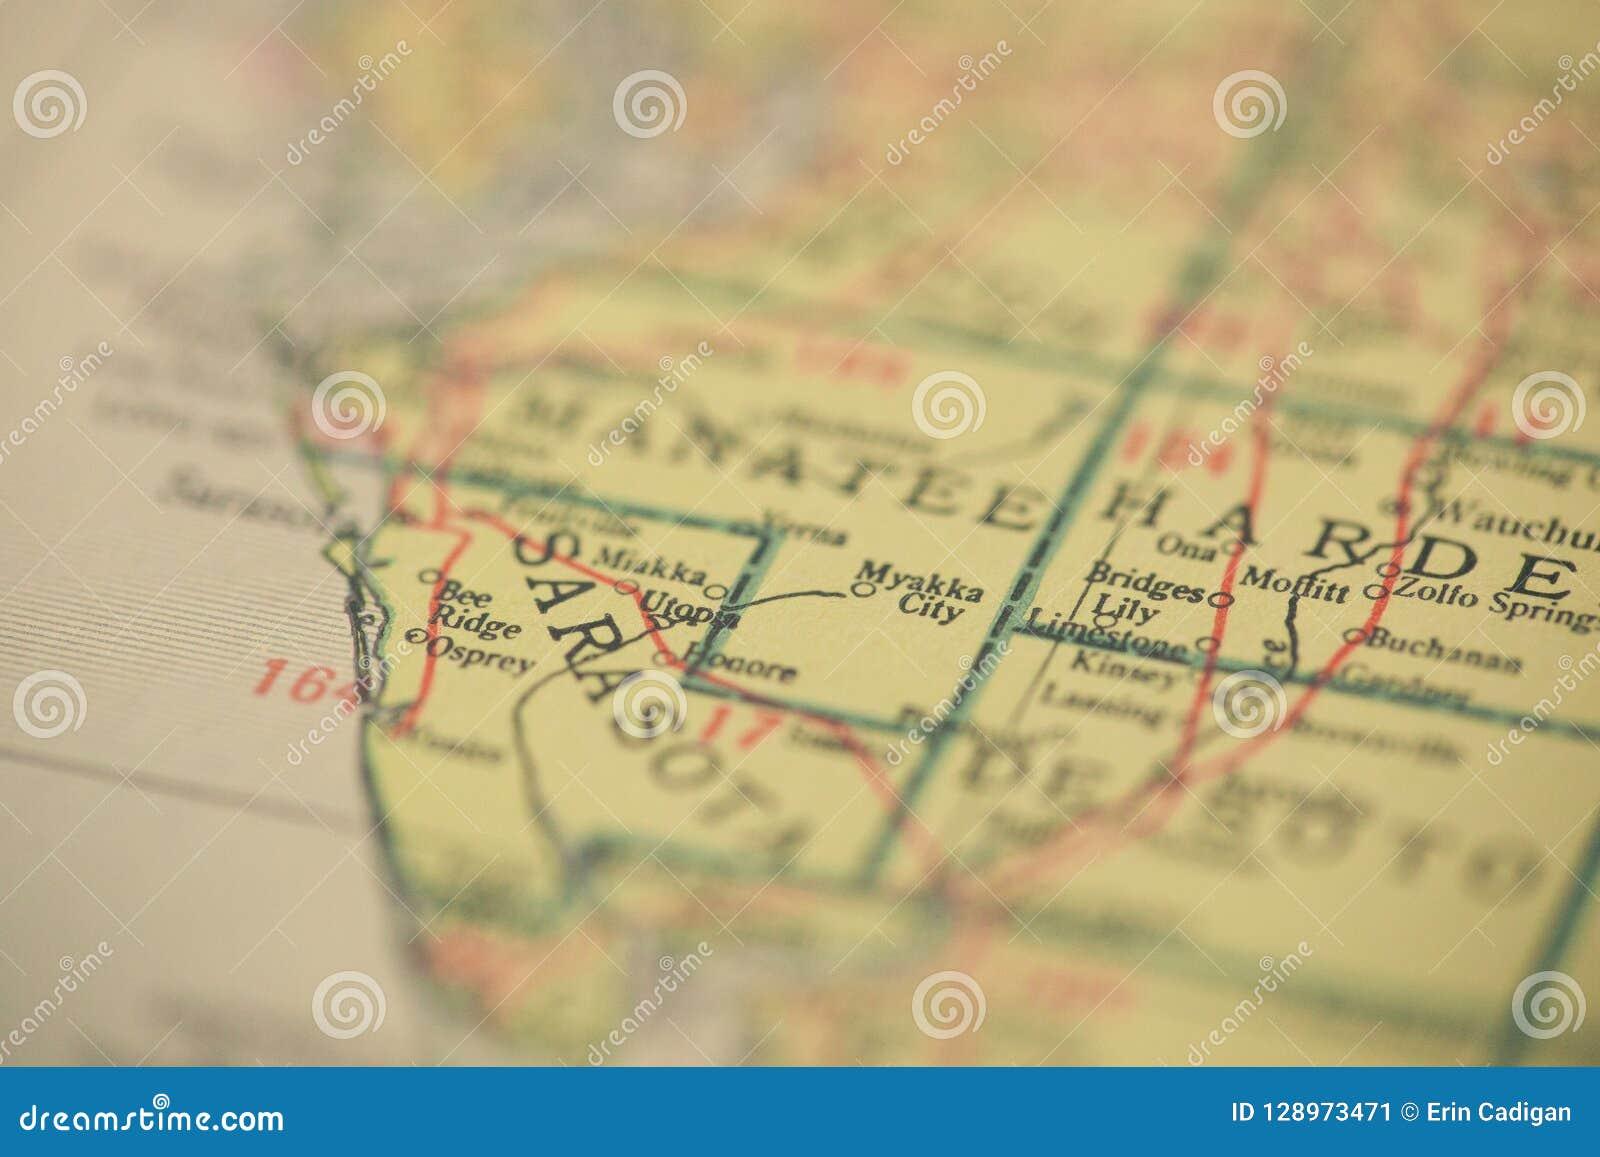 Map Sarasota Florida.Sarasota Florida Map Stock Image Image Of Sarasota 128973471